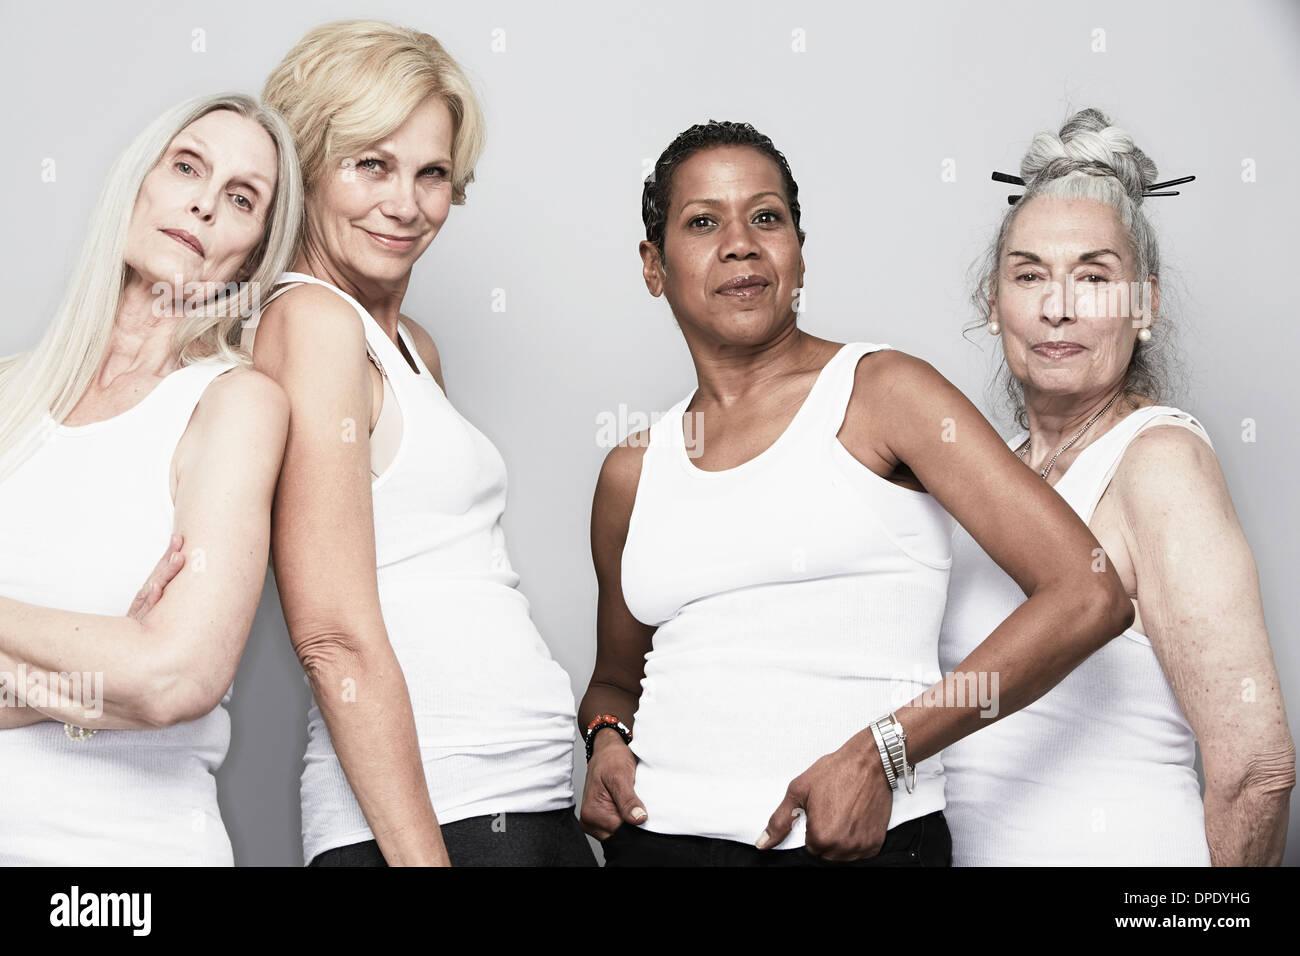 Studioportrait von Frauen in Führungspositionen Freunden posiert für die Kamera Stockbild